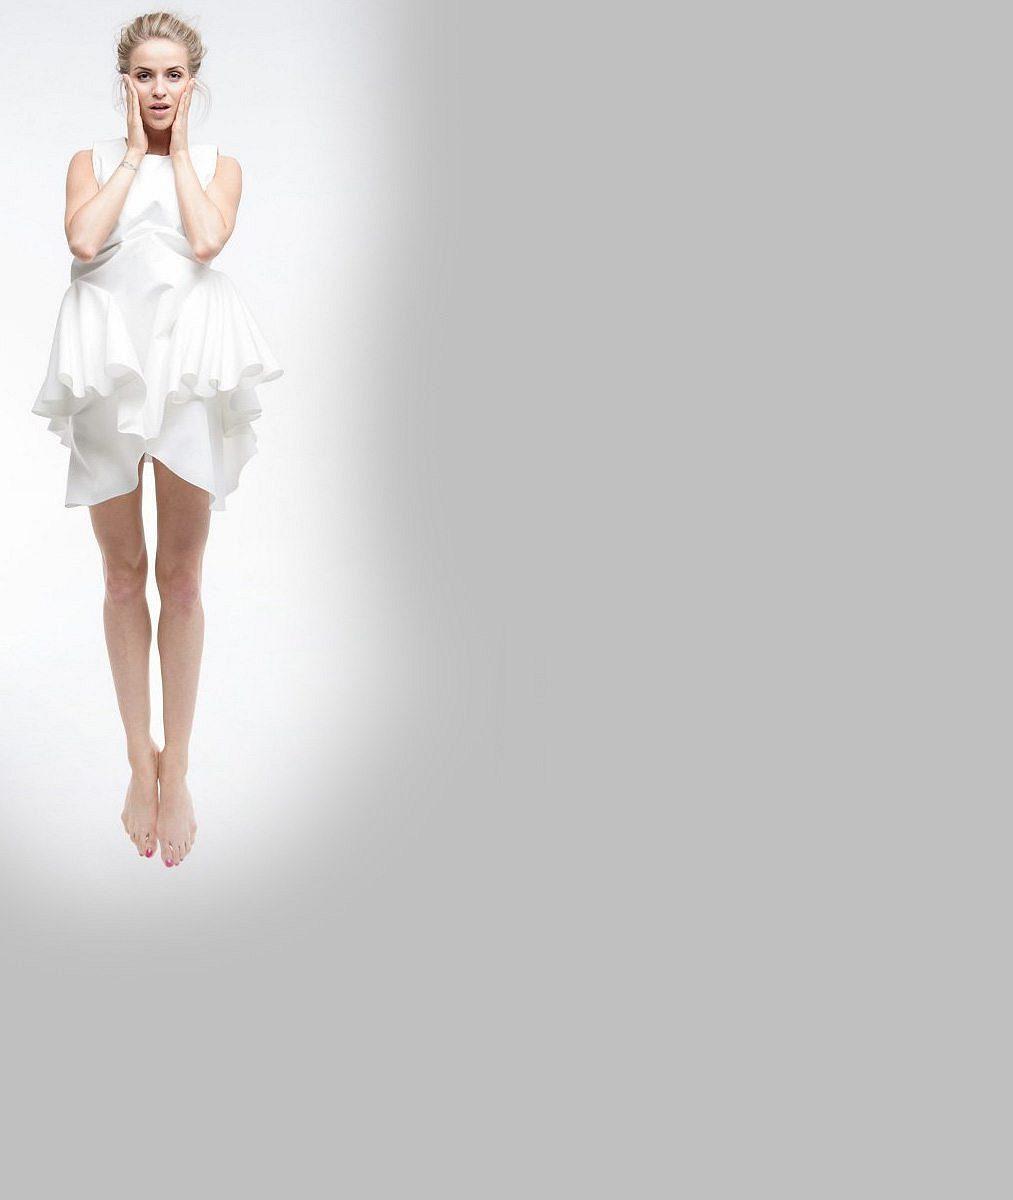 Nejodvážnější modely sexy blondýnky Gábiny Gunčíkové: Předvede se takto ina Eurovizi?